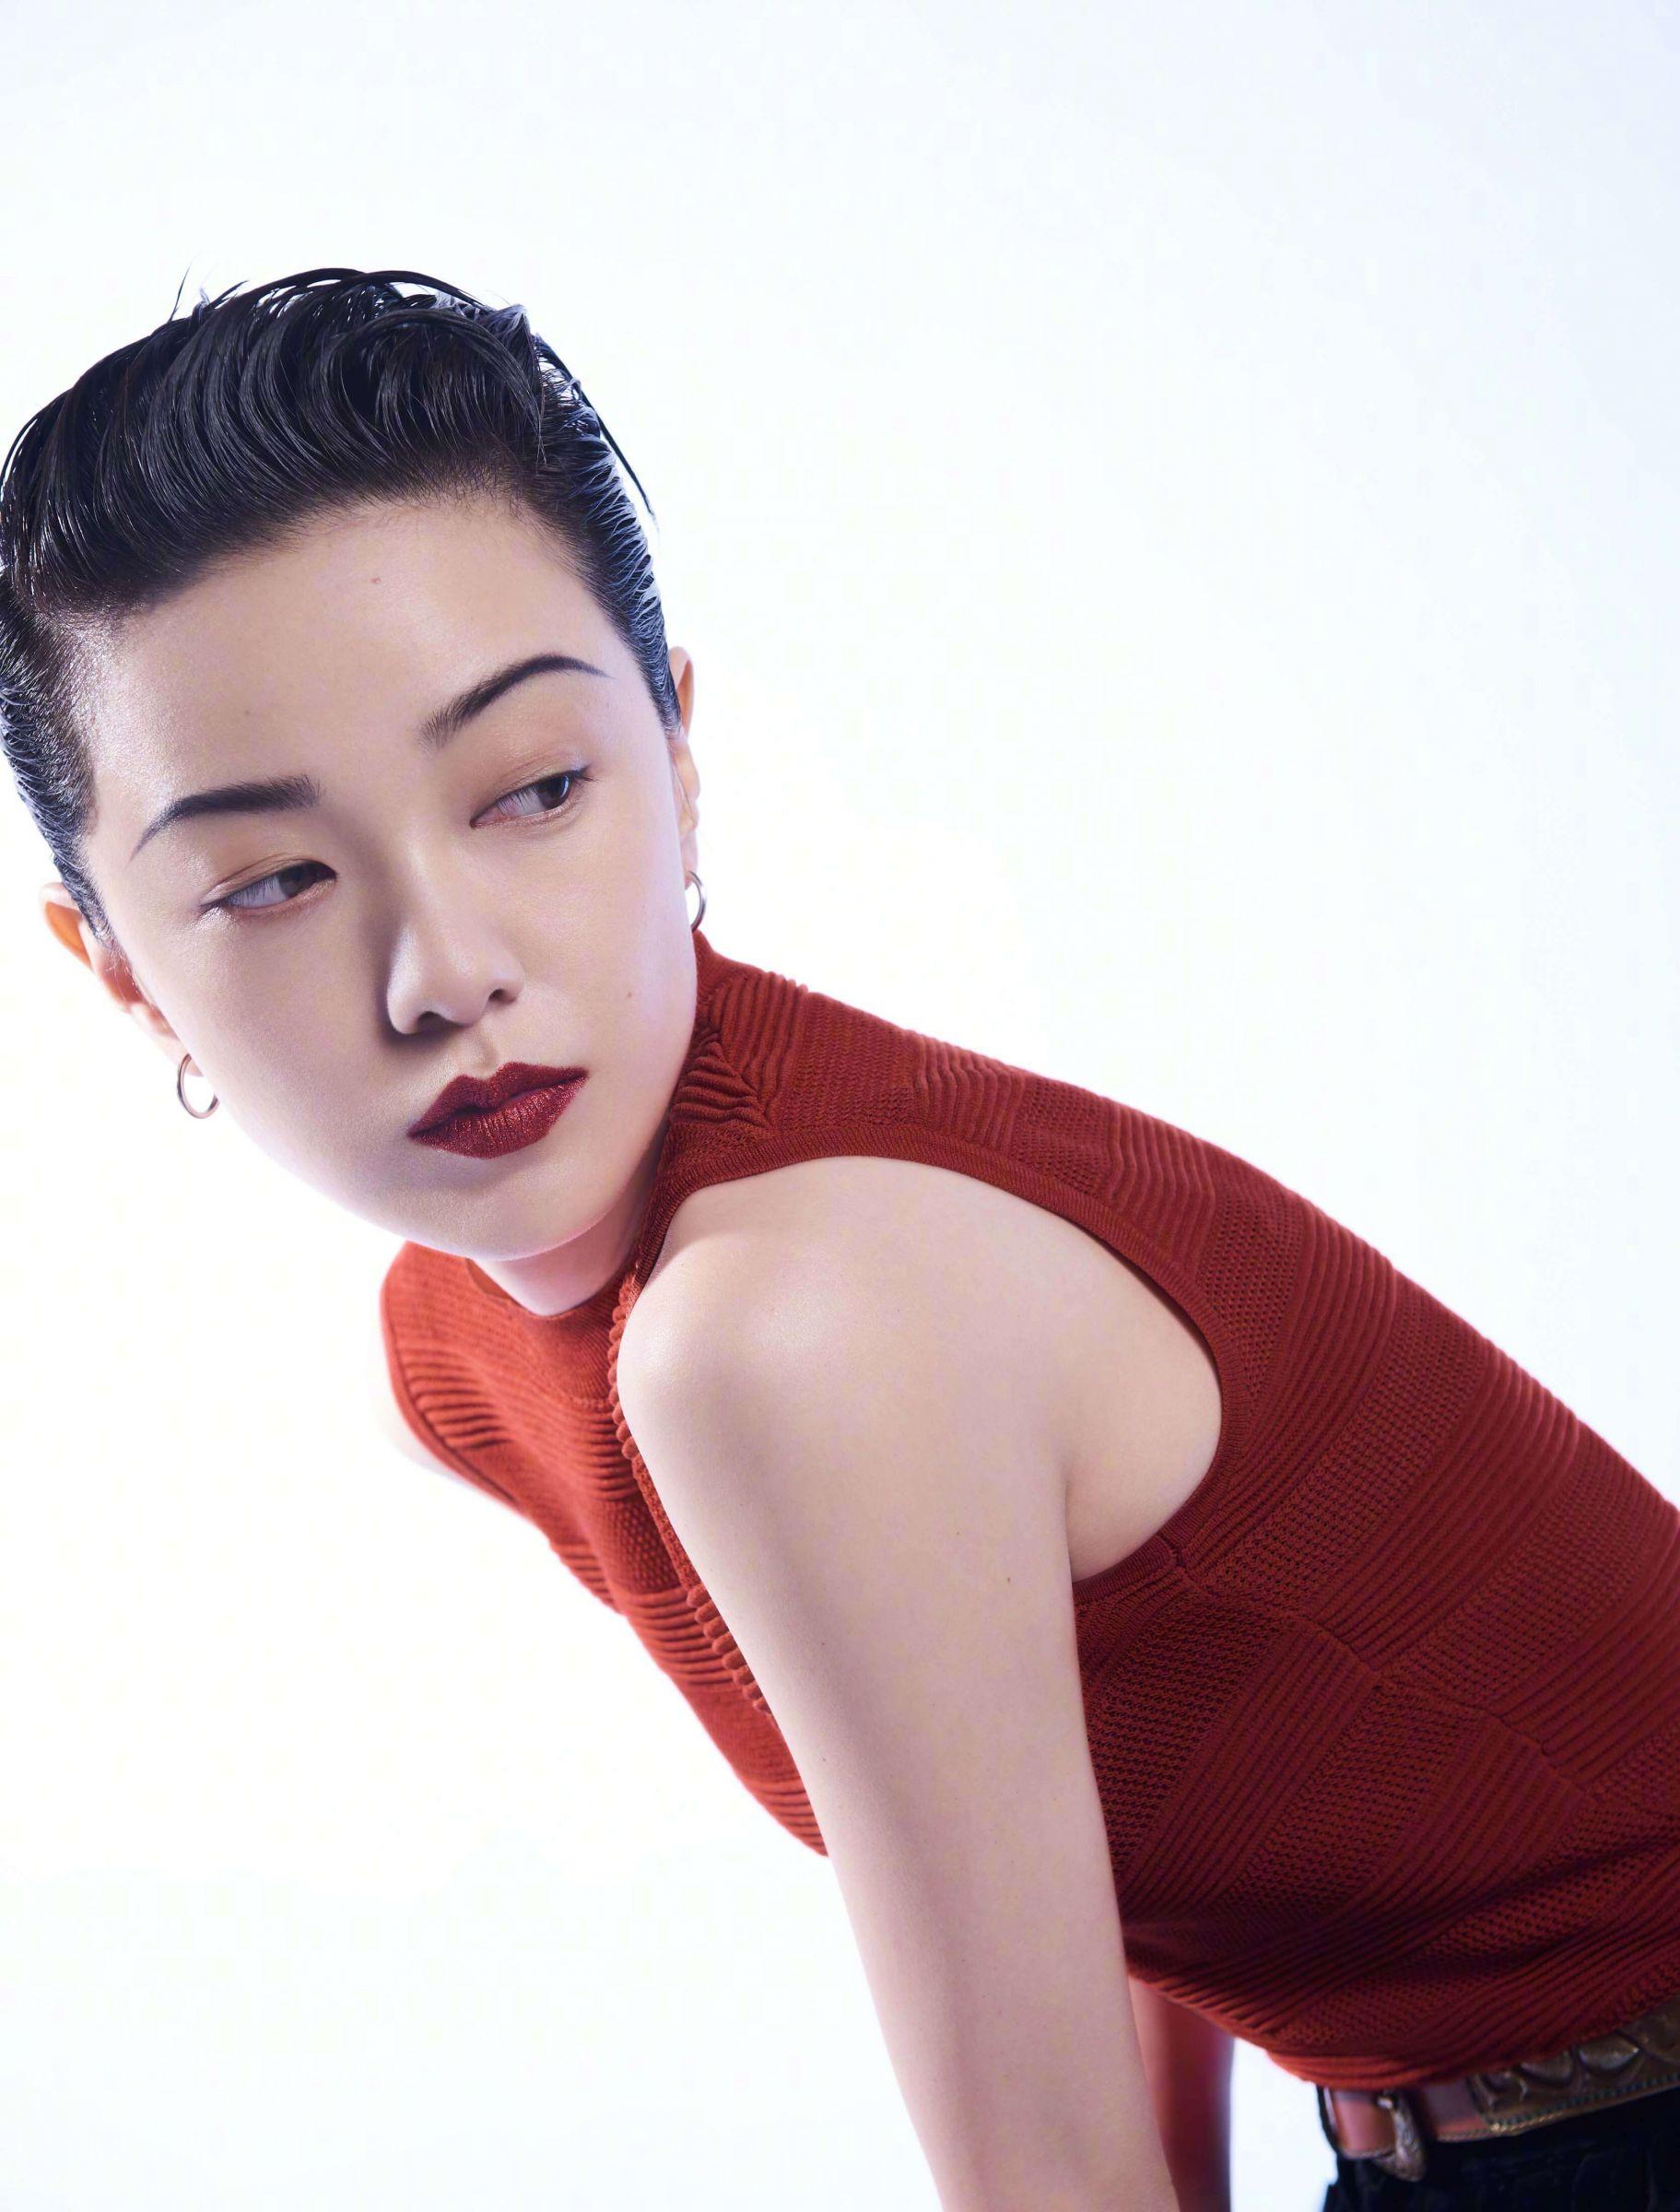 郭采潔「35歲生日出專輯」 許願:仇恨都和解!